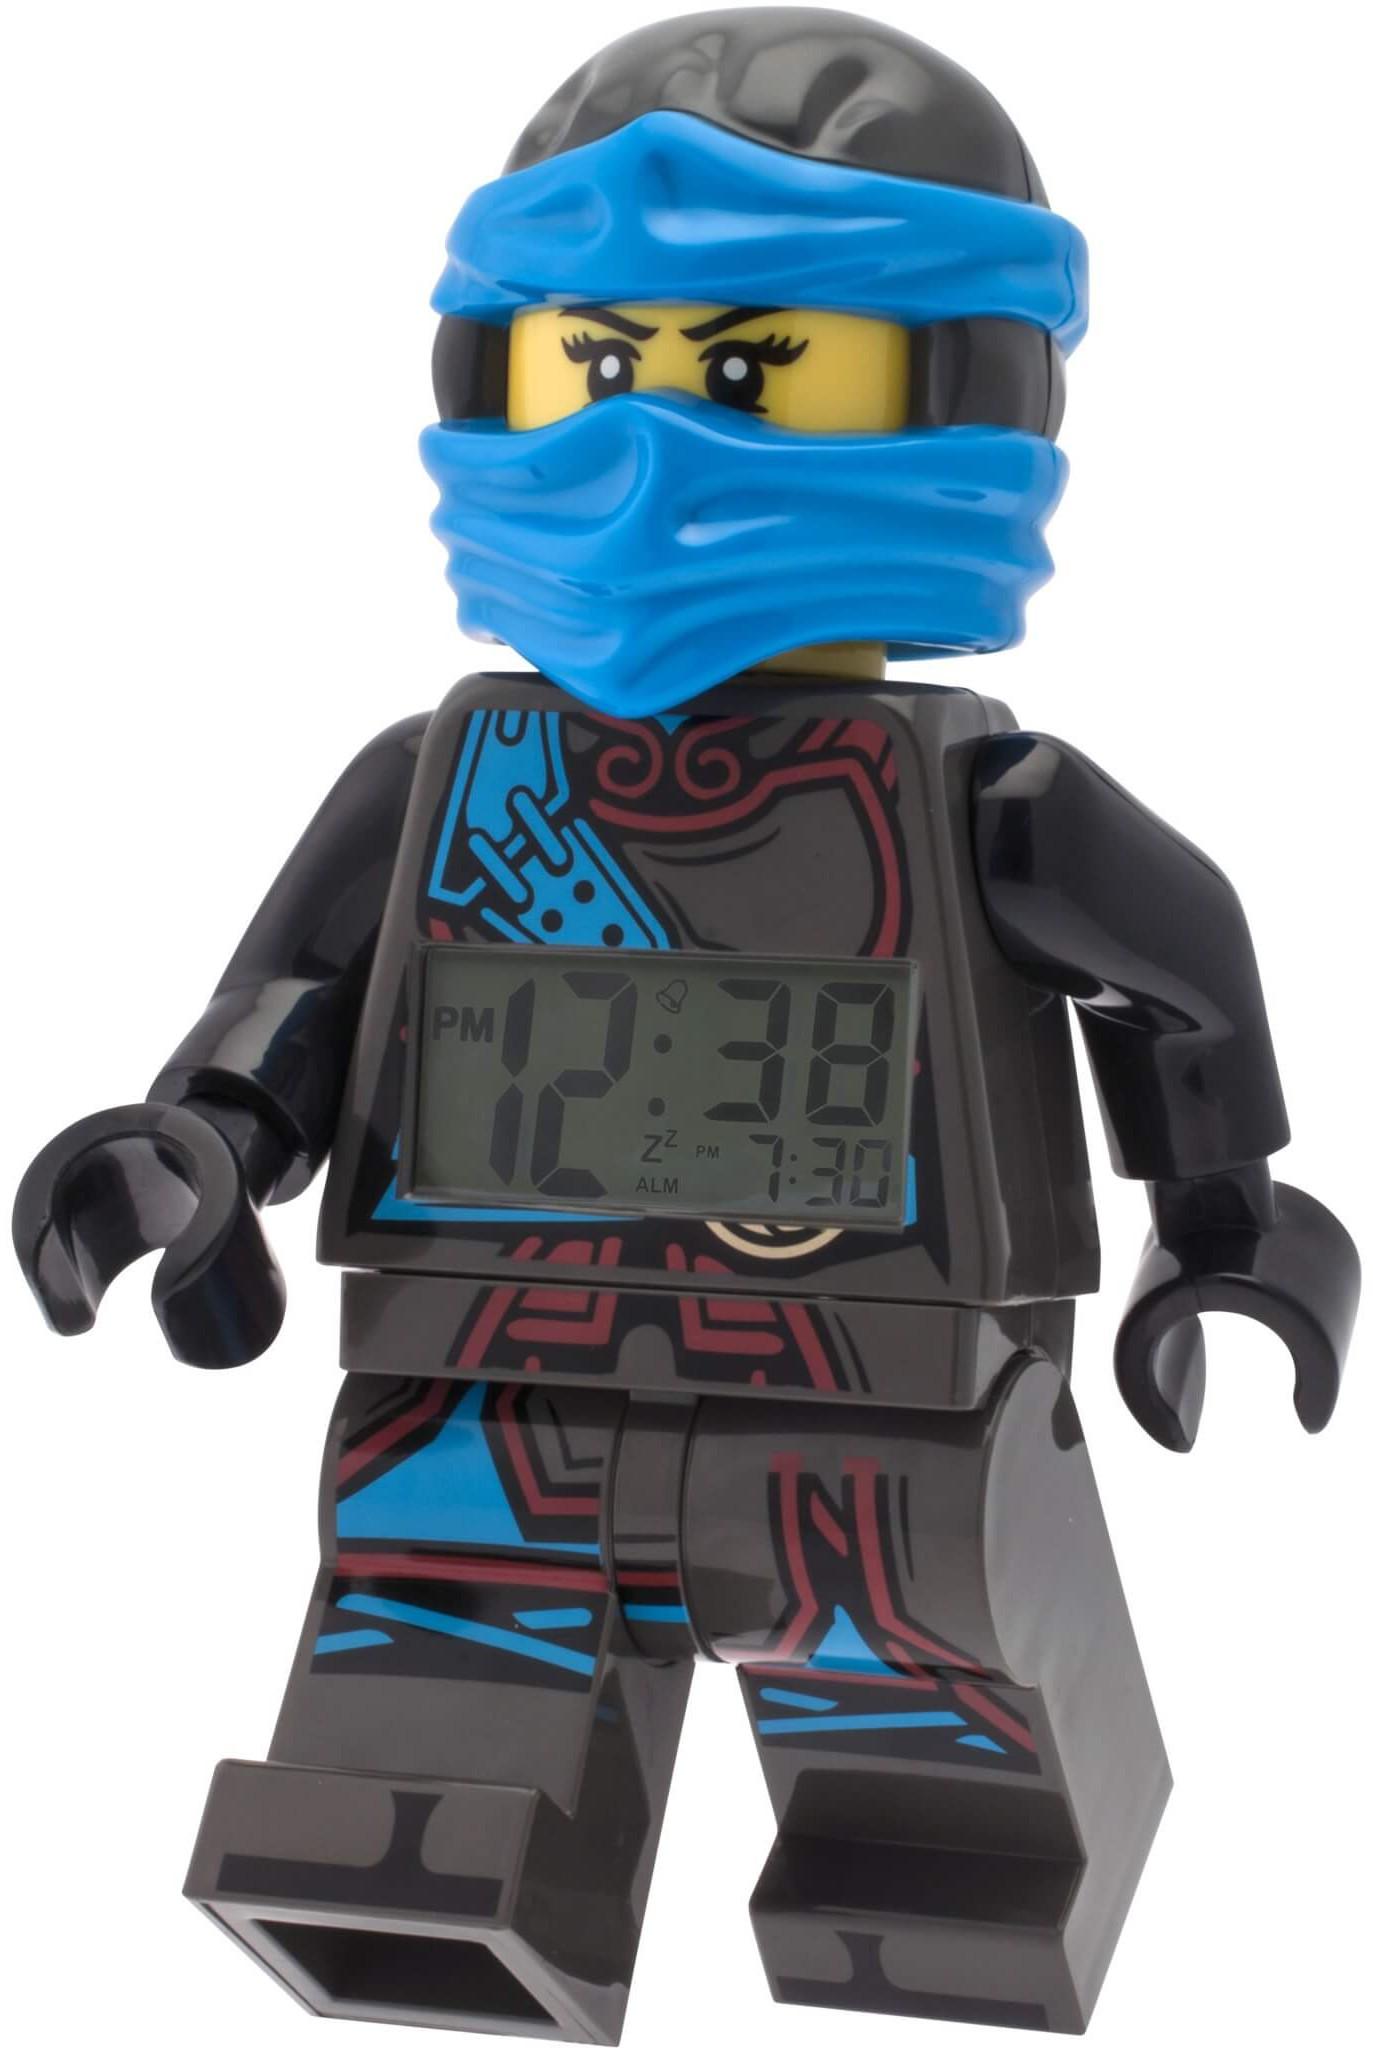 lego ninjago - time twins nya alarm clock